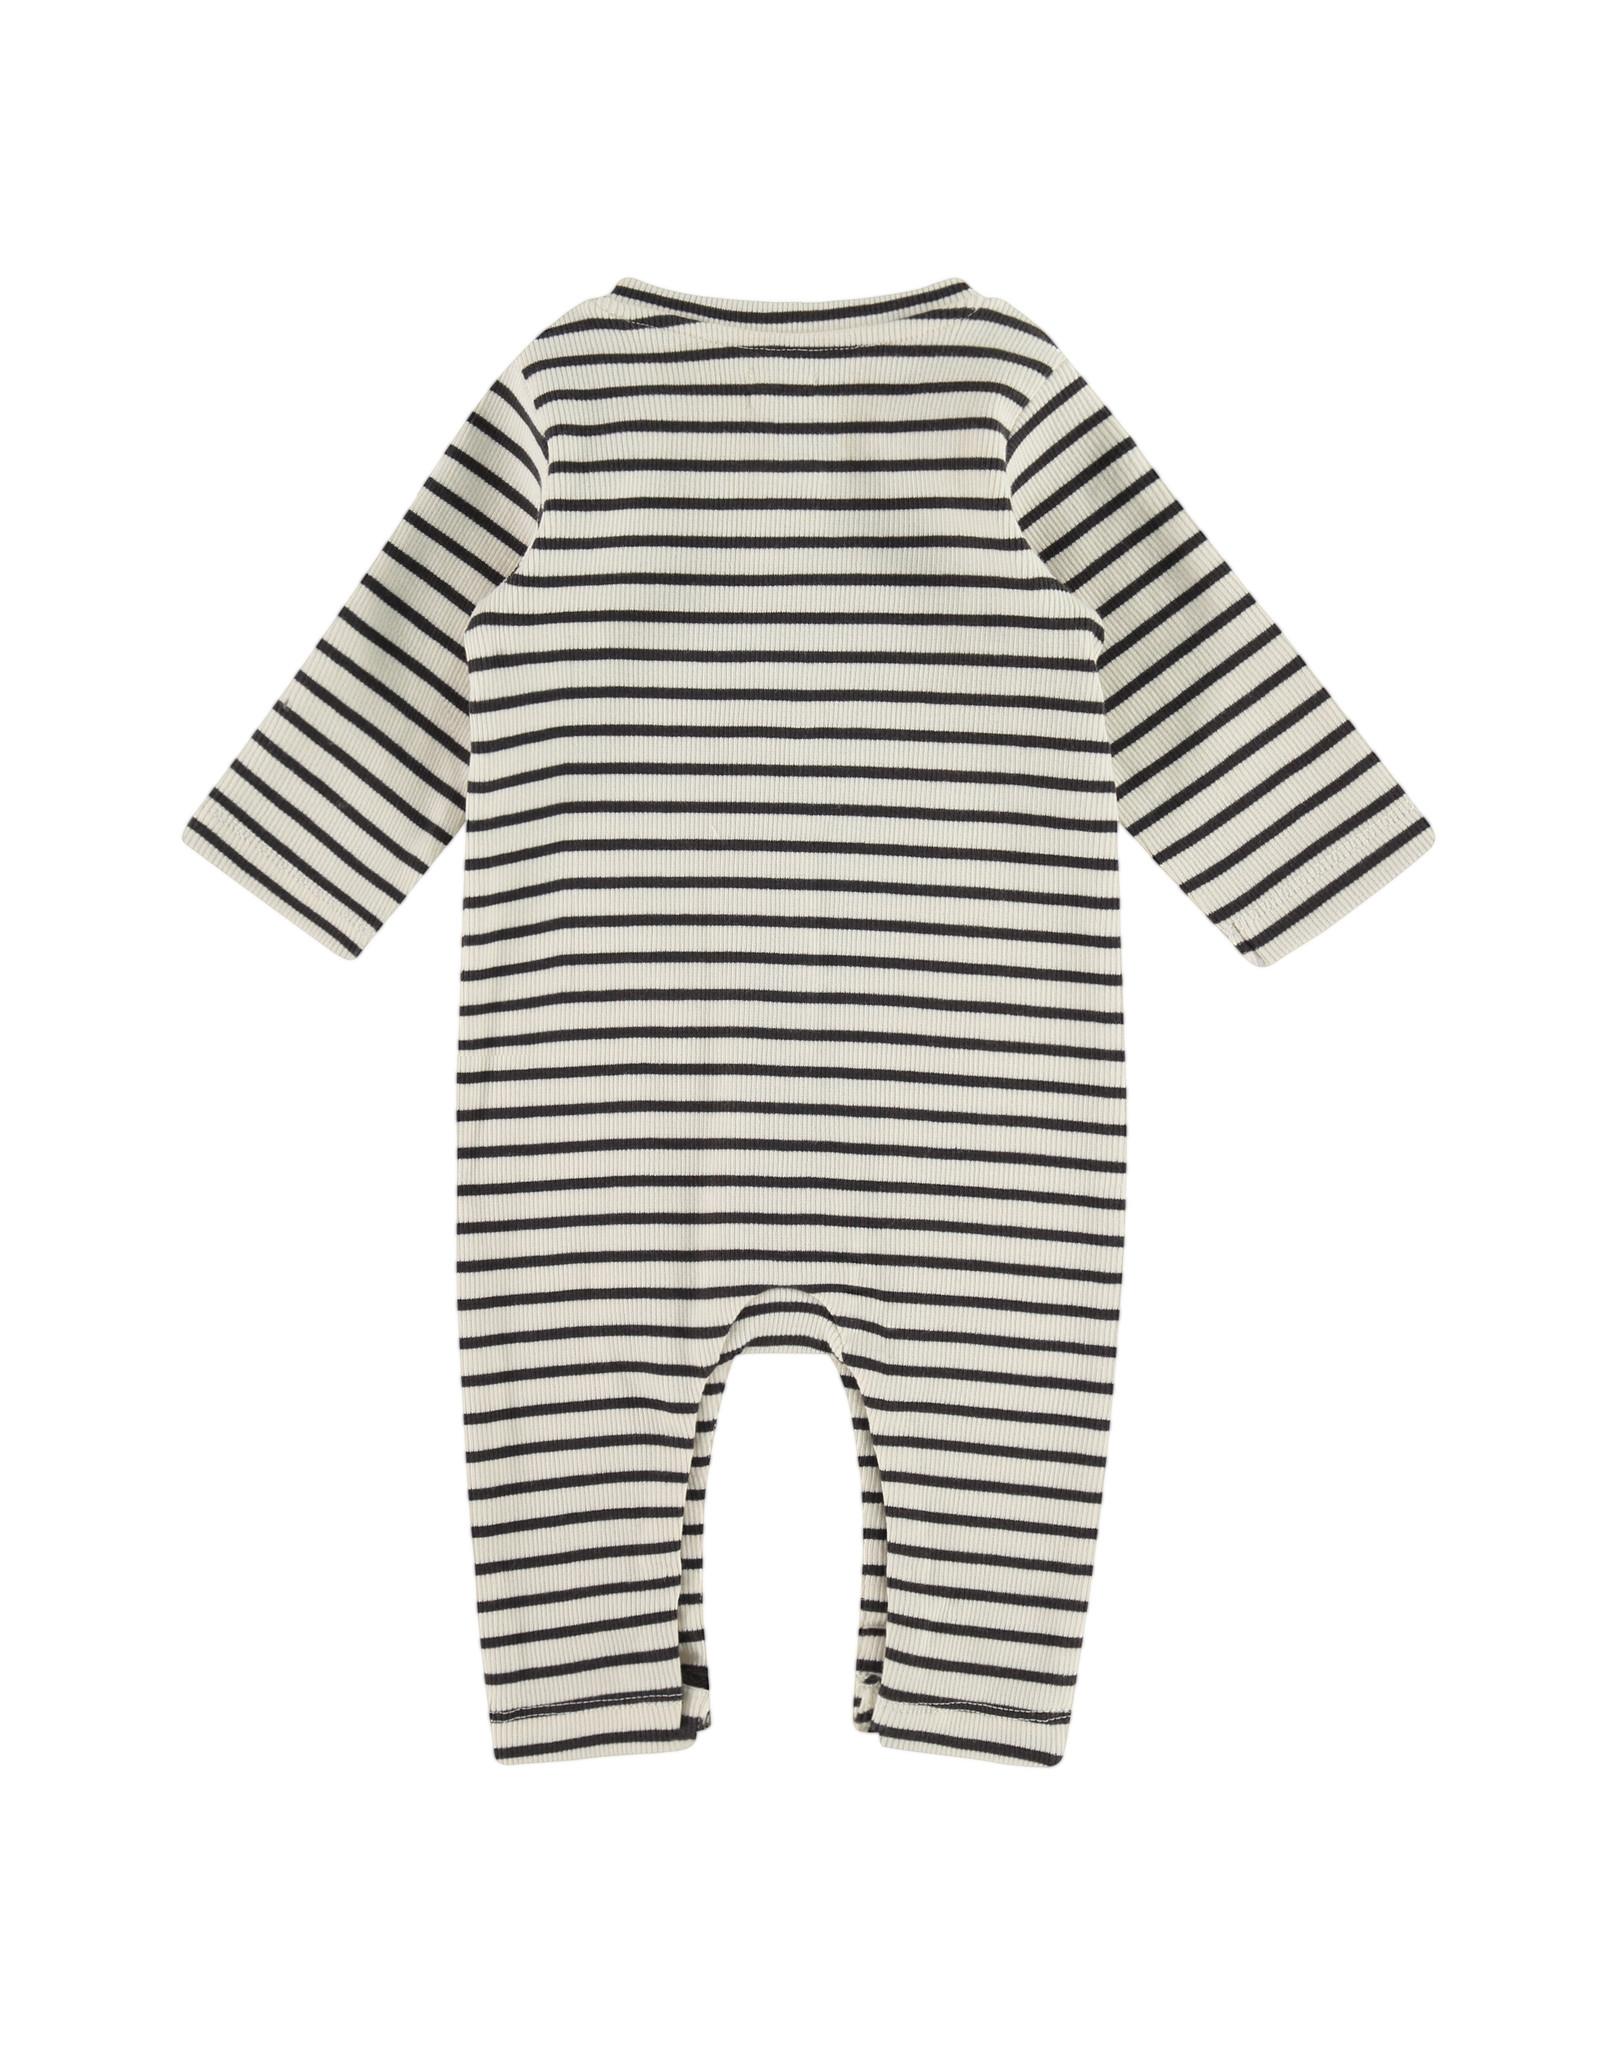 Babyface baby suit, ebony